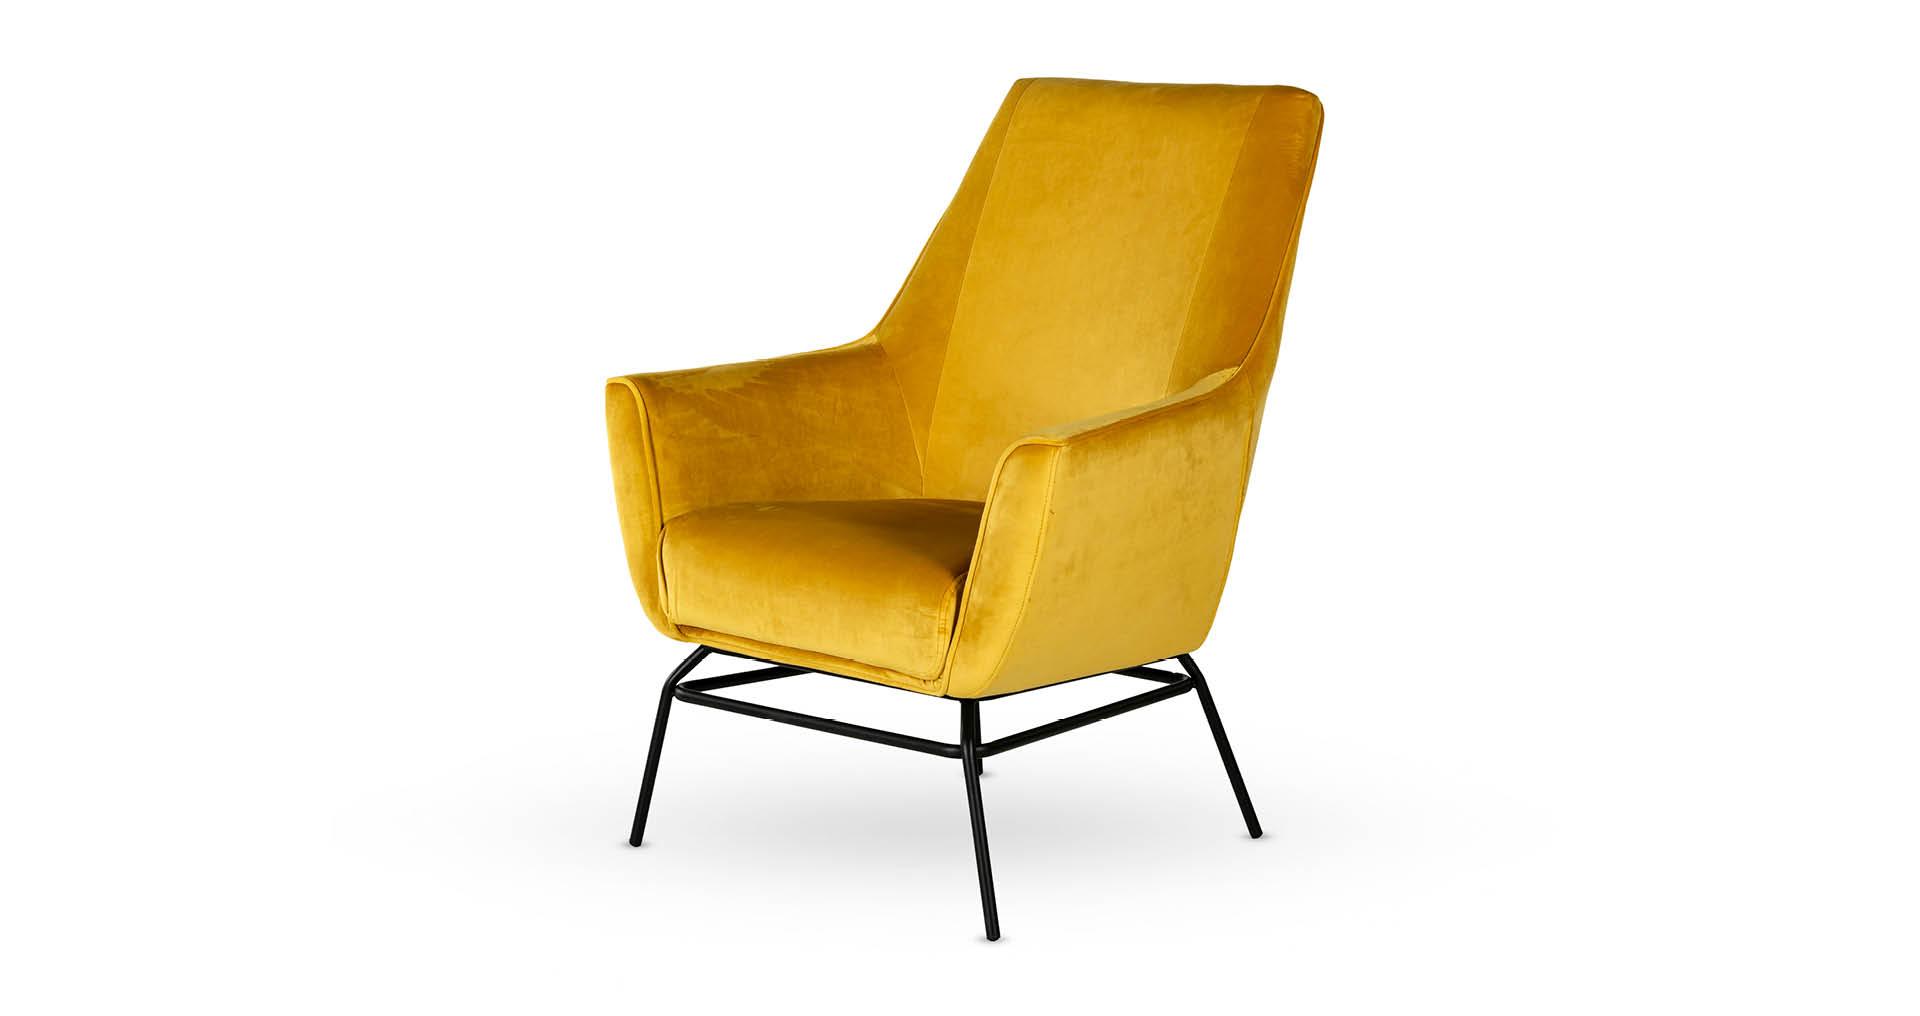 כורסא בונדברג בגוון חרדל זהוב